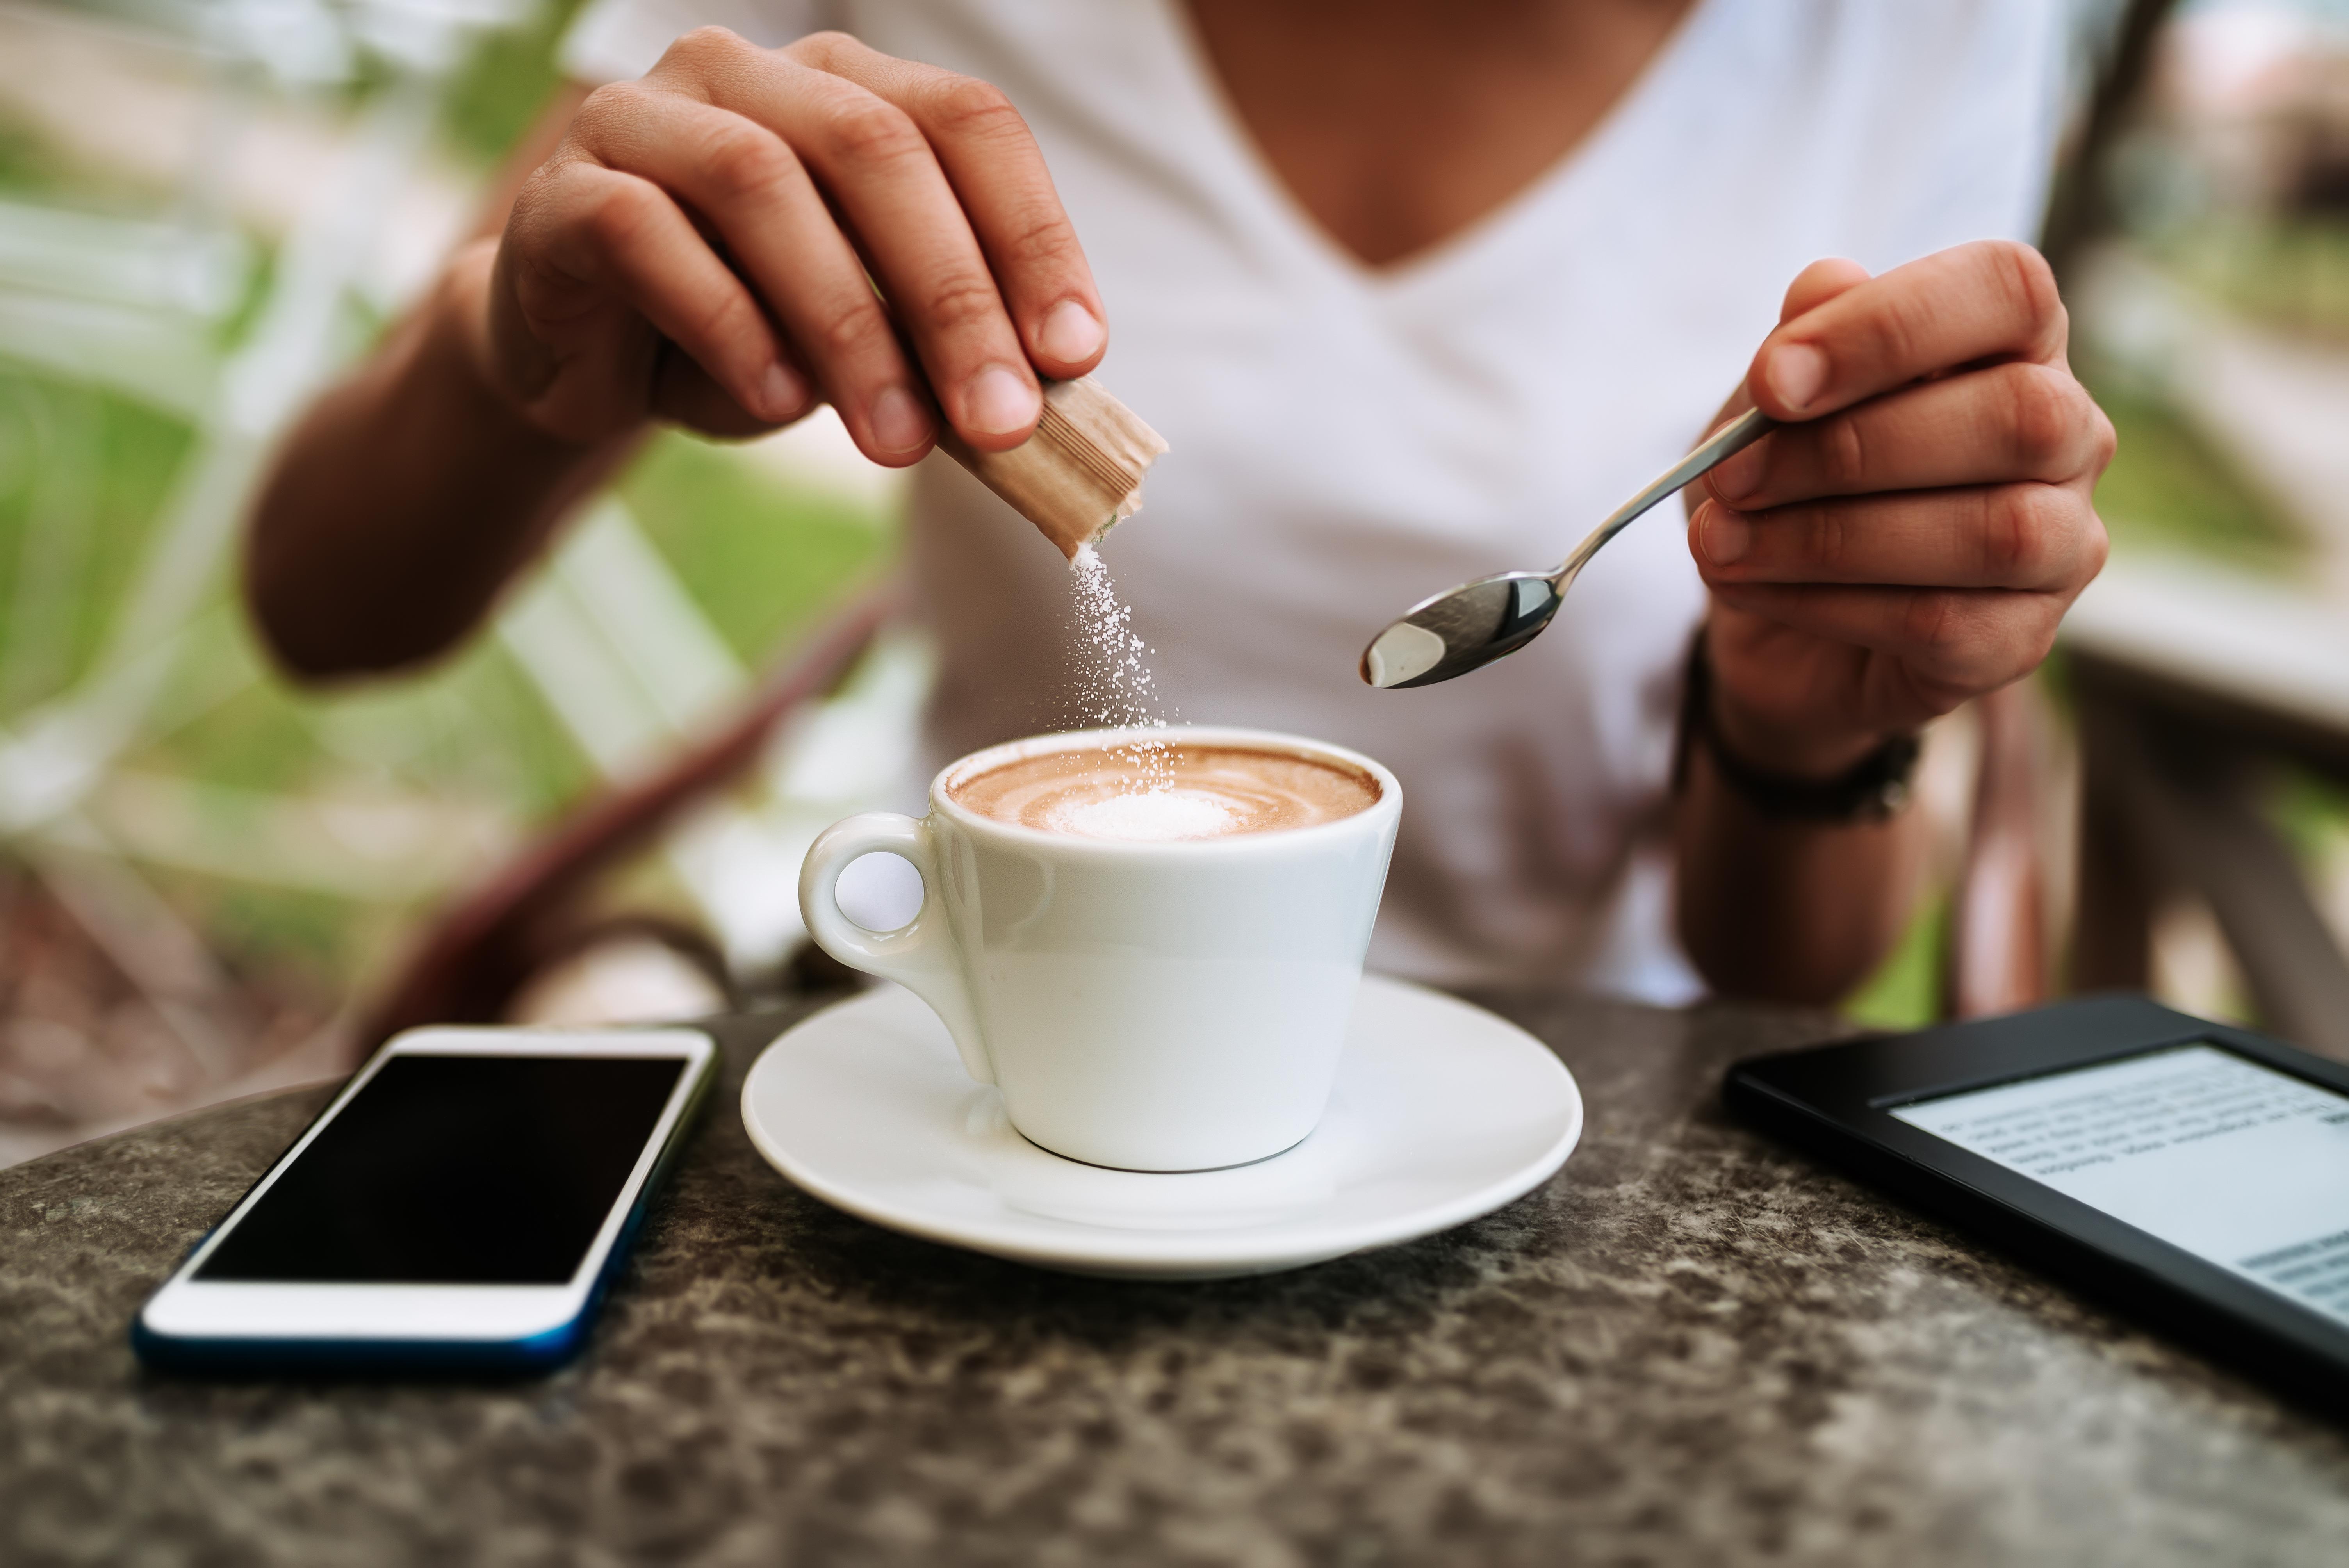 Il caffè con o senza zucchero?